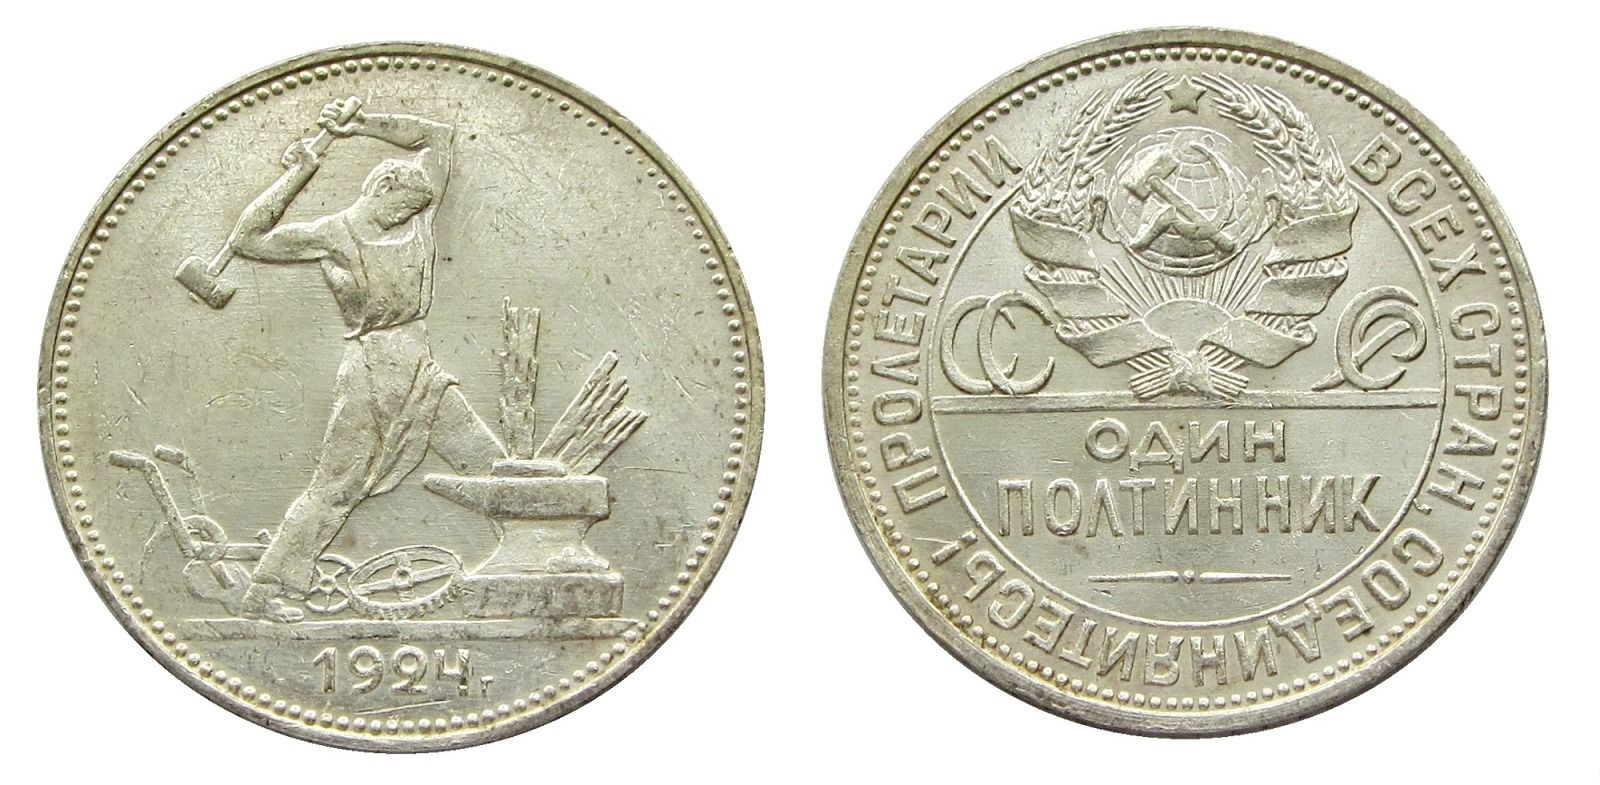 Монета СССР 1924 года выпуска номиналом 50 копеек (Полтинник)